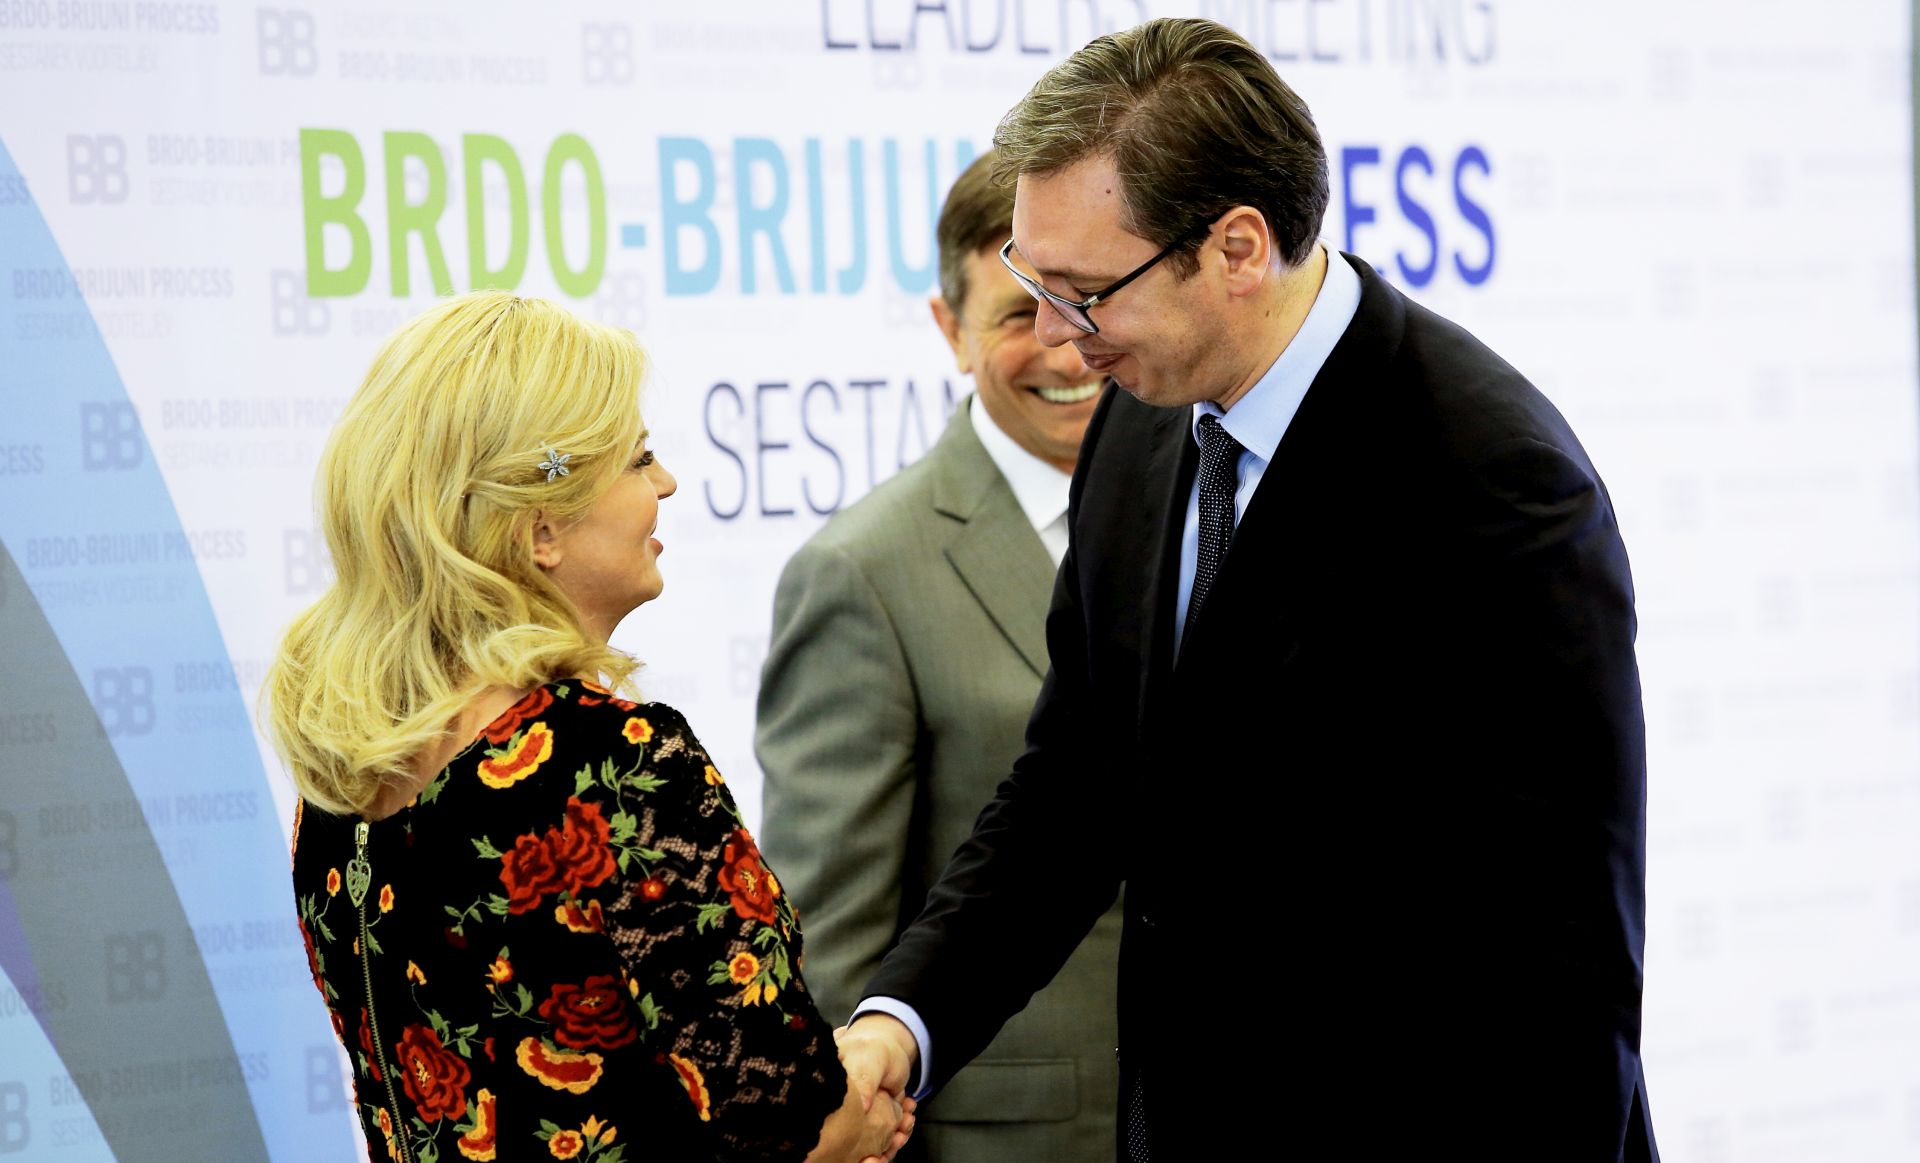 Predsjednica Grabar-Kitarović ide na inauguraciju Aleksandra Vučića u Beograd